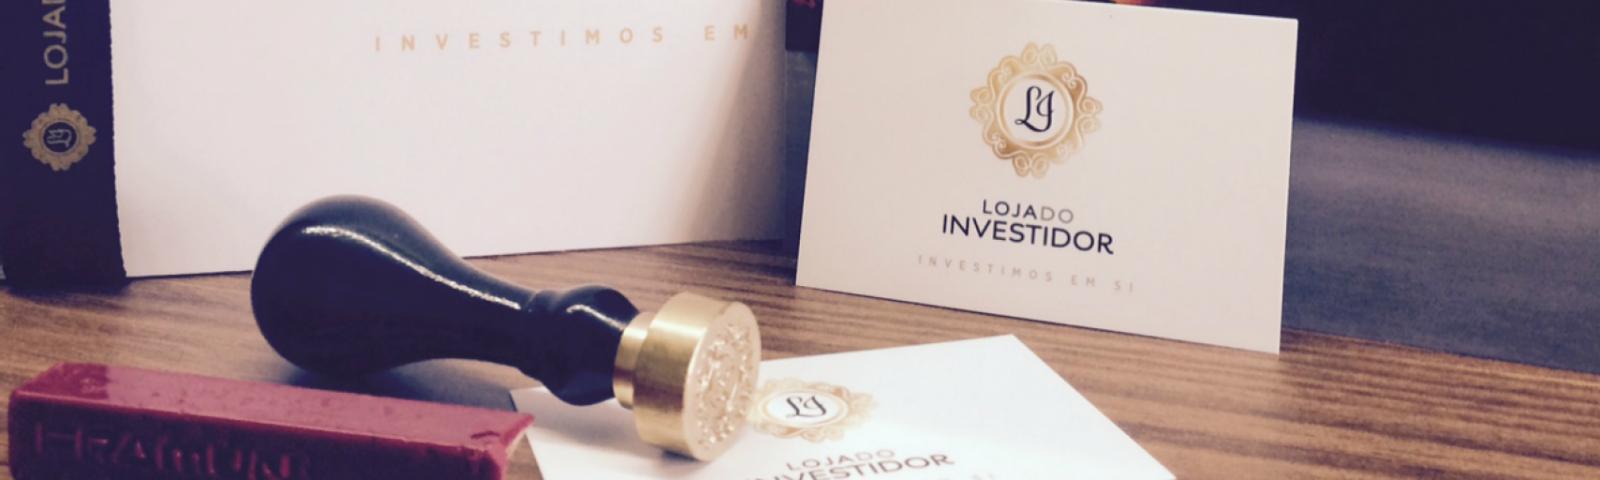 Loja do Investidor inaugura nova unidade em Viseu